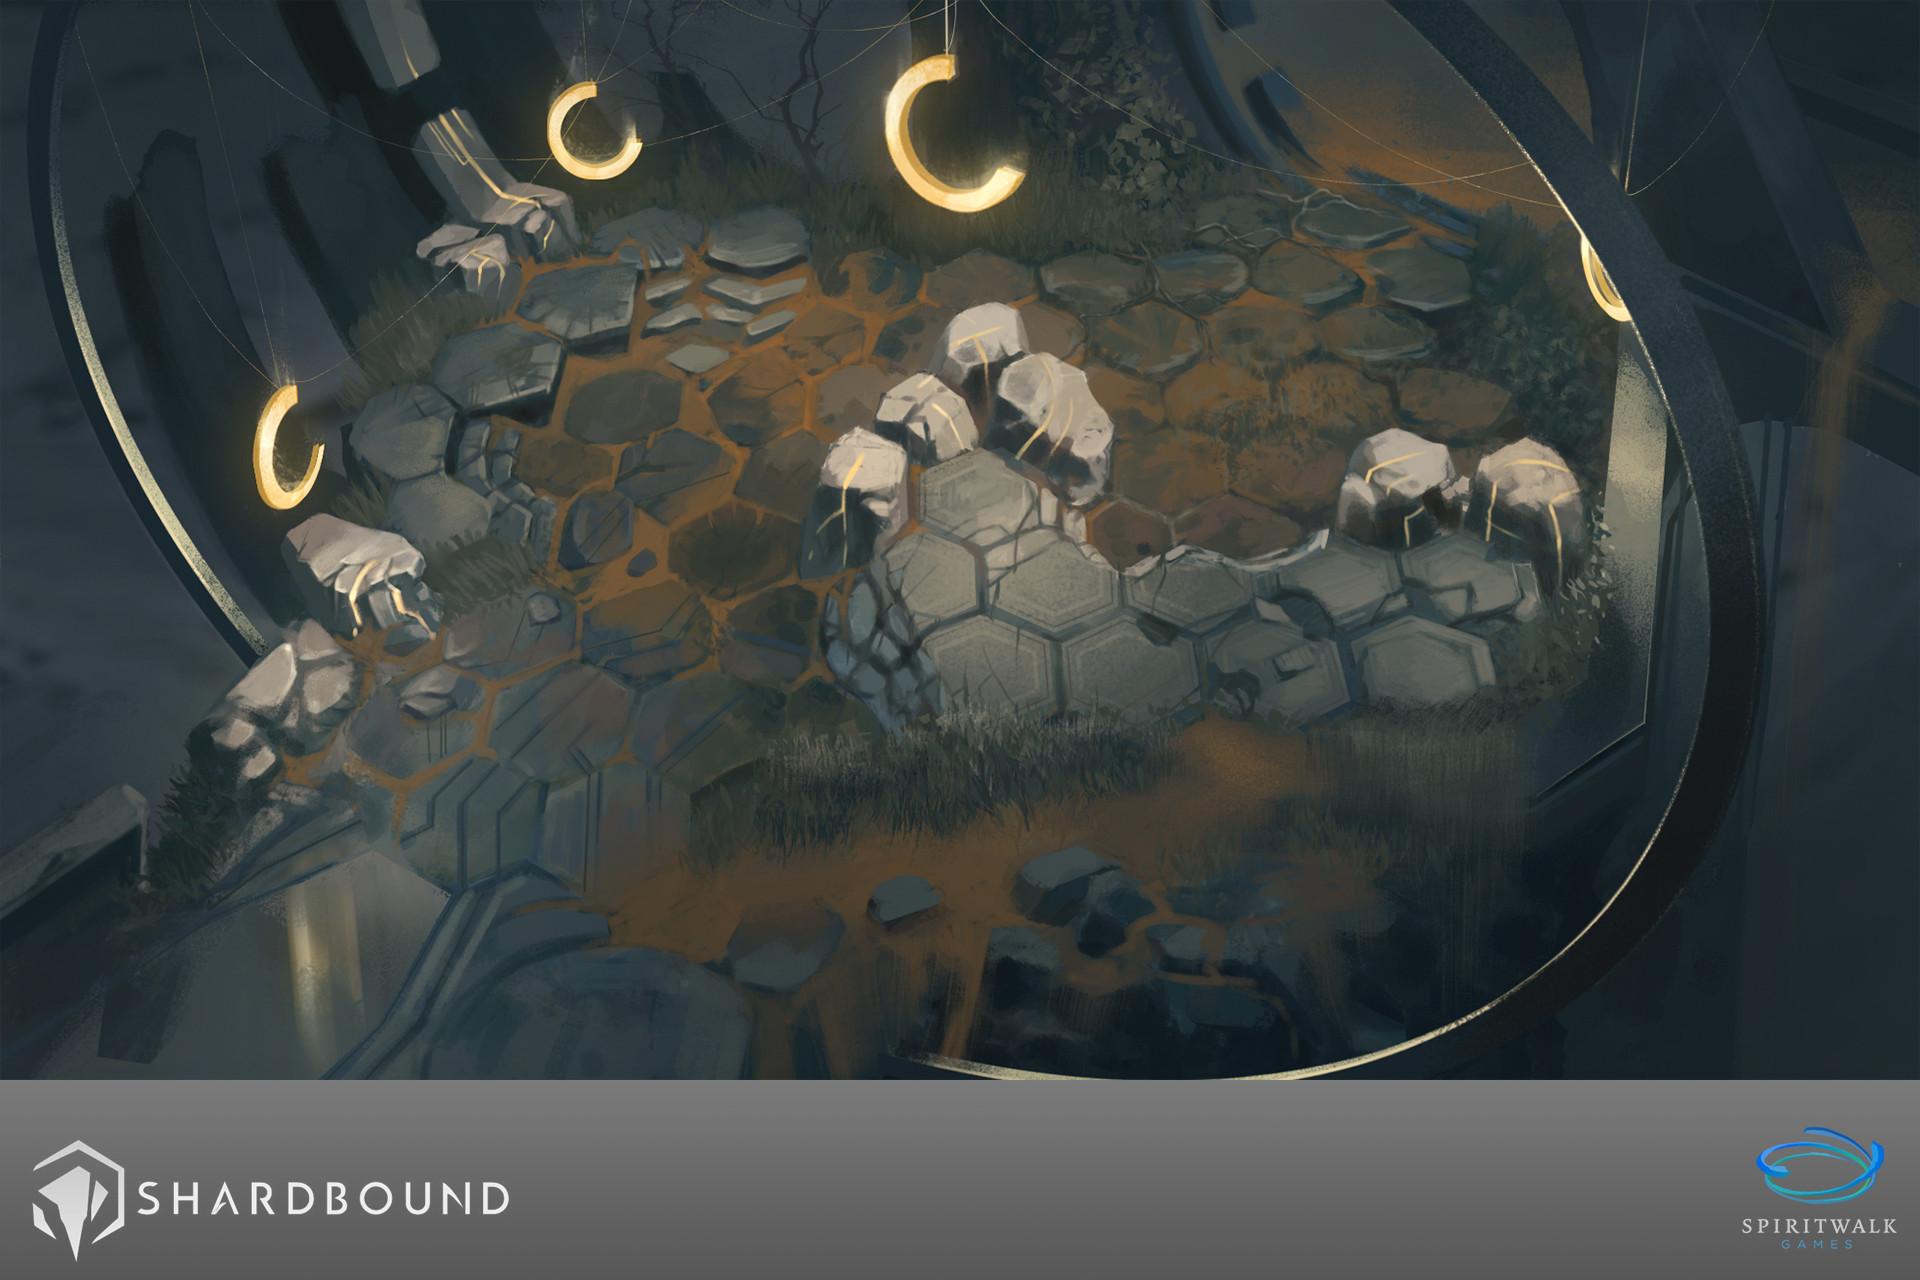 David alvarez dalvarez shardbound maps 03